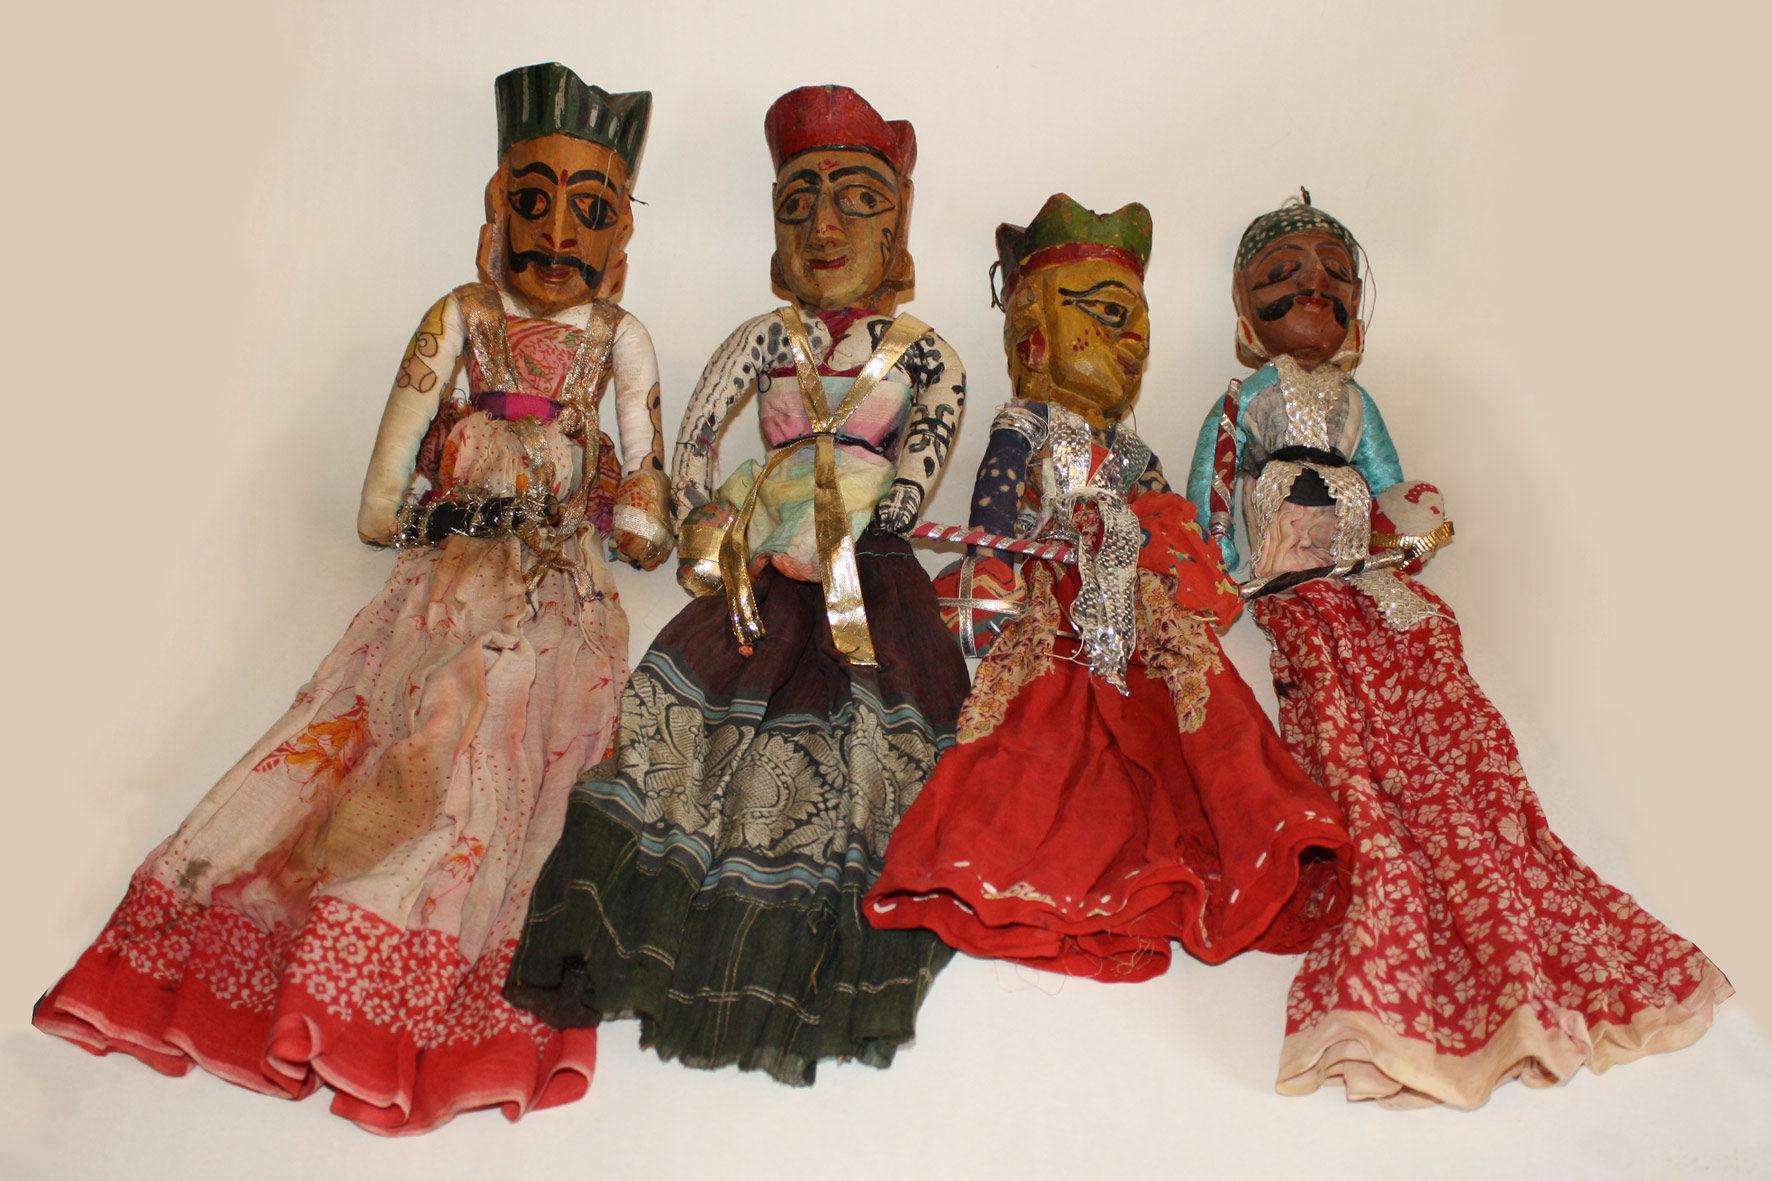 Выставка «Театральная кукла народов мира» в РГБИ – события на сайте «Московские Сезоны»